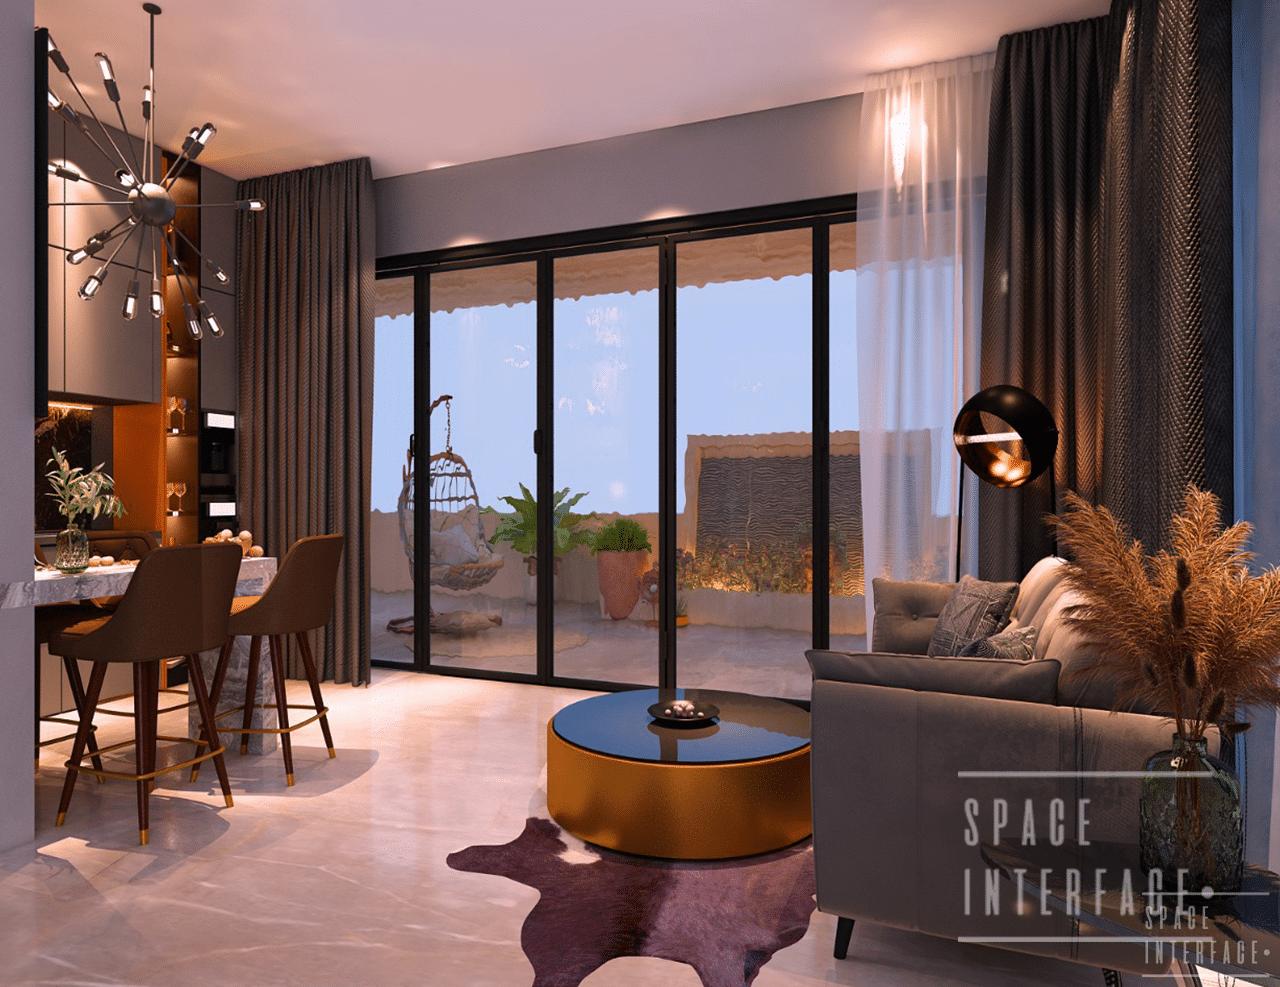 Bar and lounge design, sharma residence